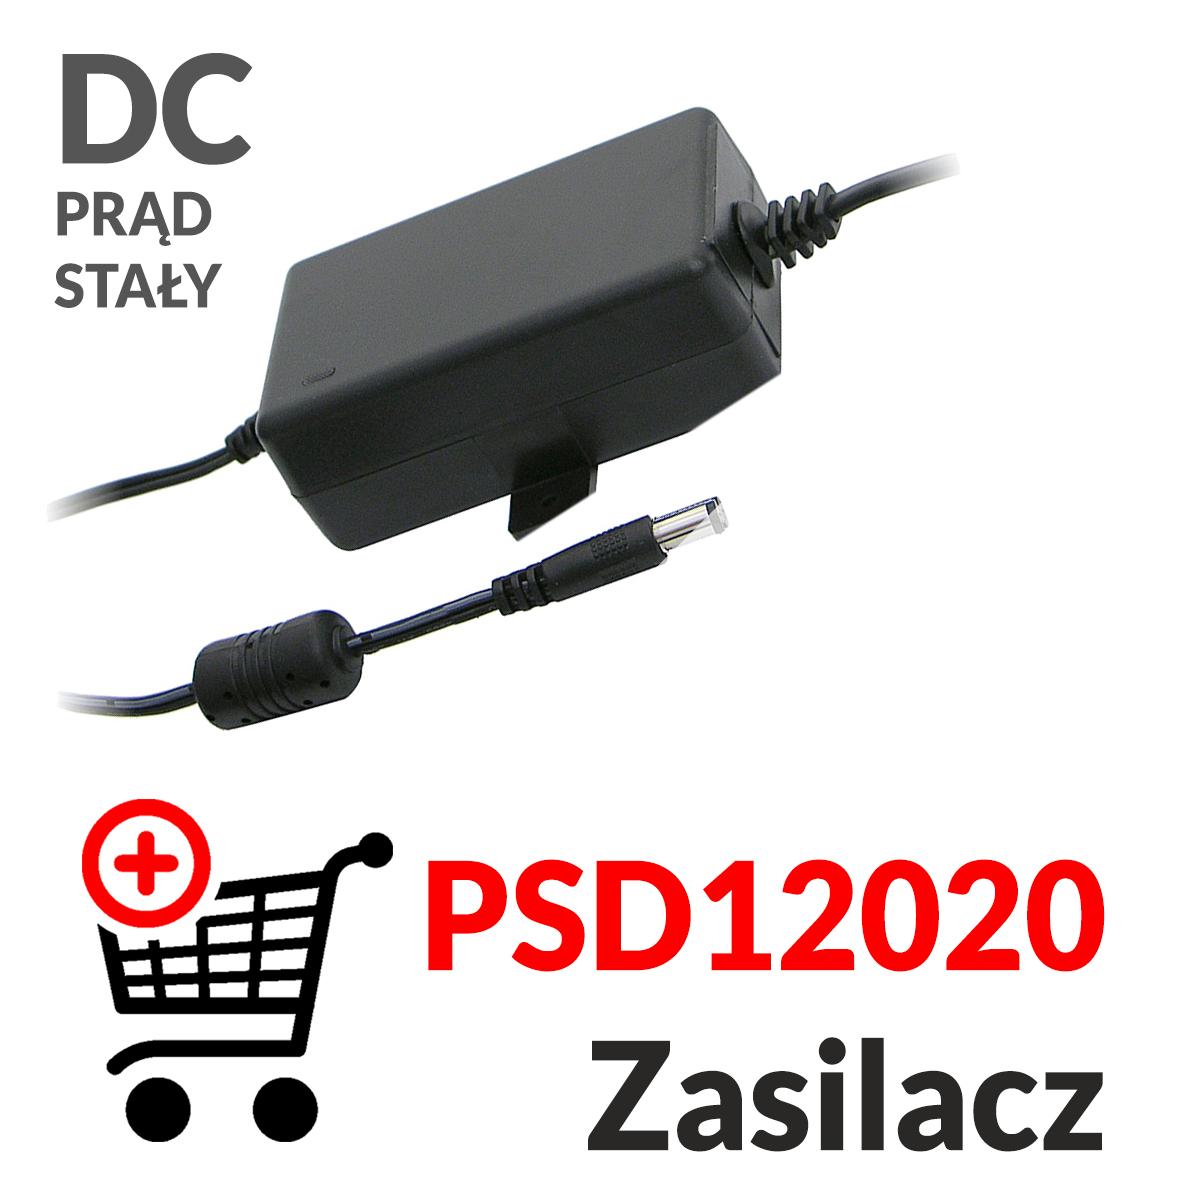 Dodaj do koszyka zasilacz prądu stałego PSD12020